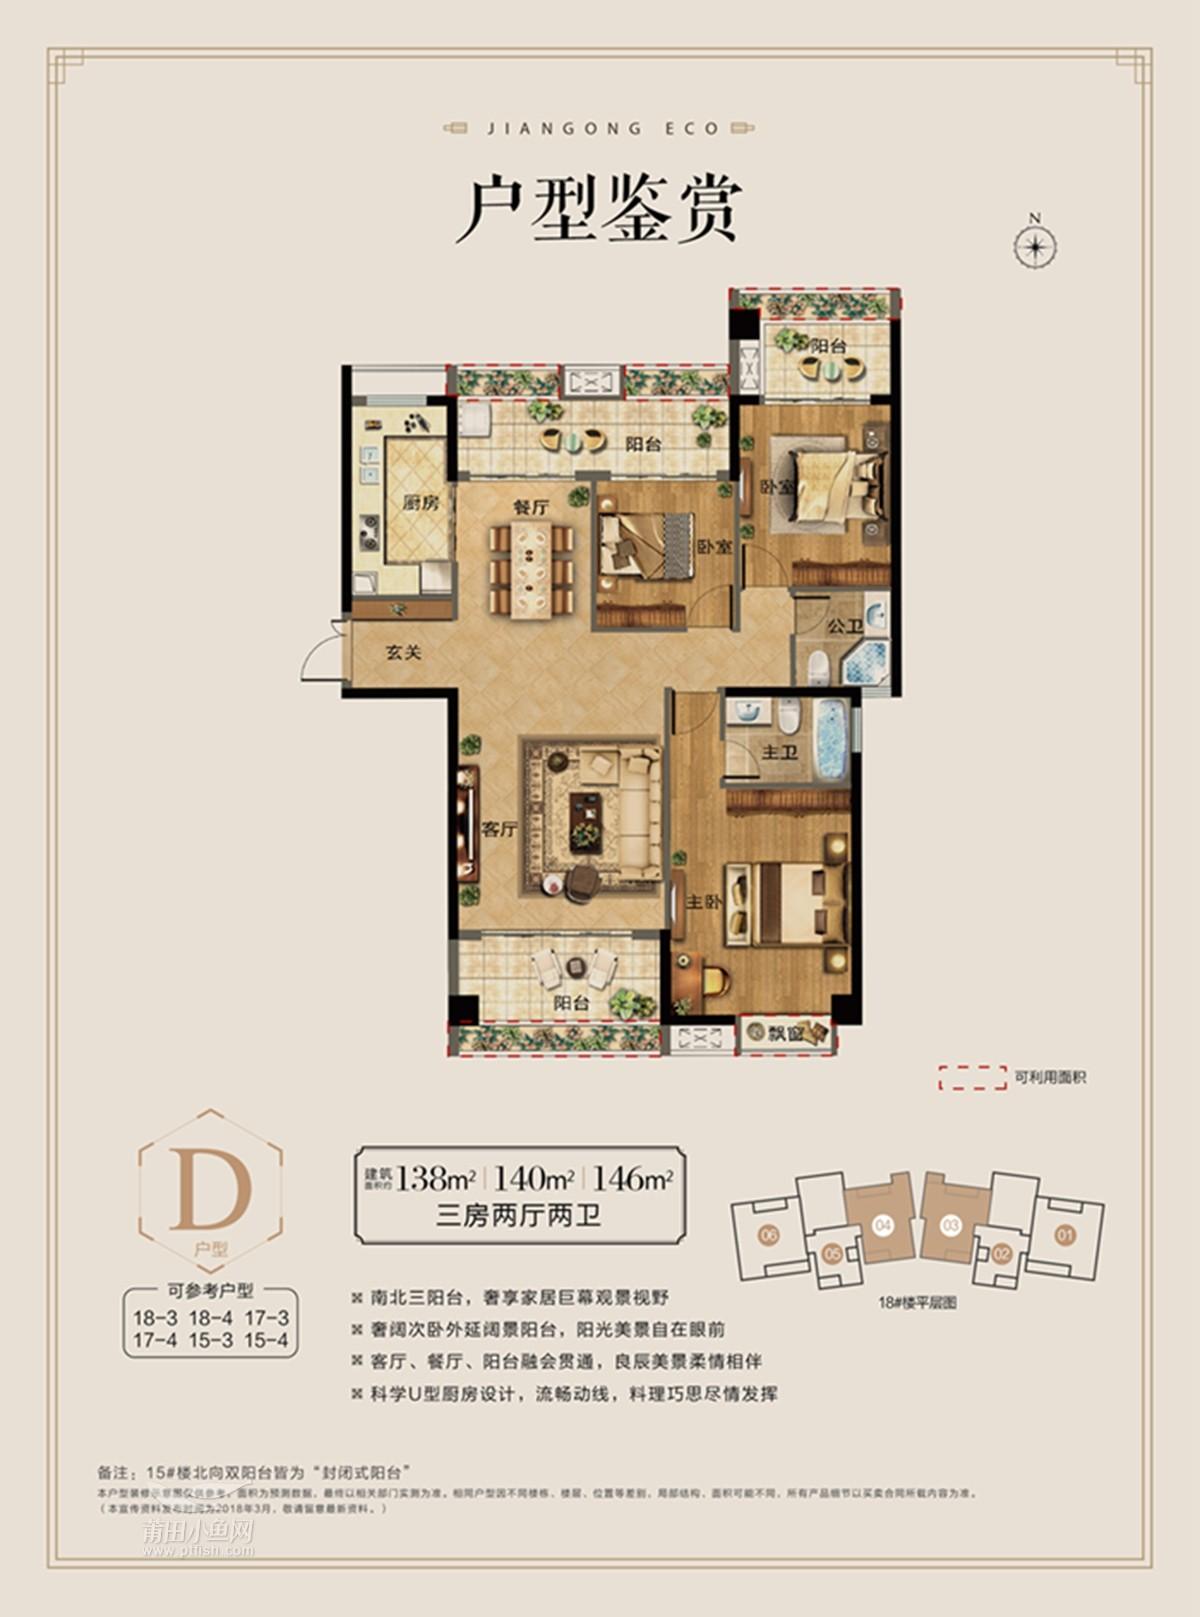 建工·ECO A、F地块   D户型建面约138、140、146㎡(3房2厅2卫)